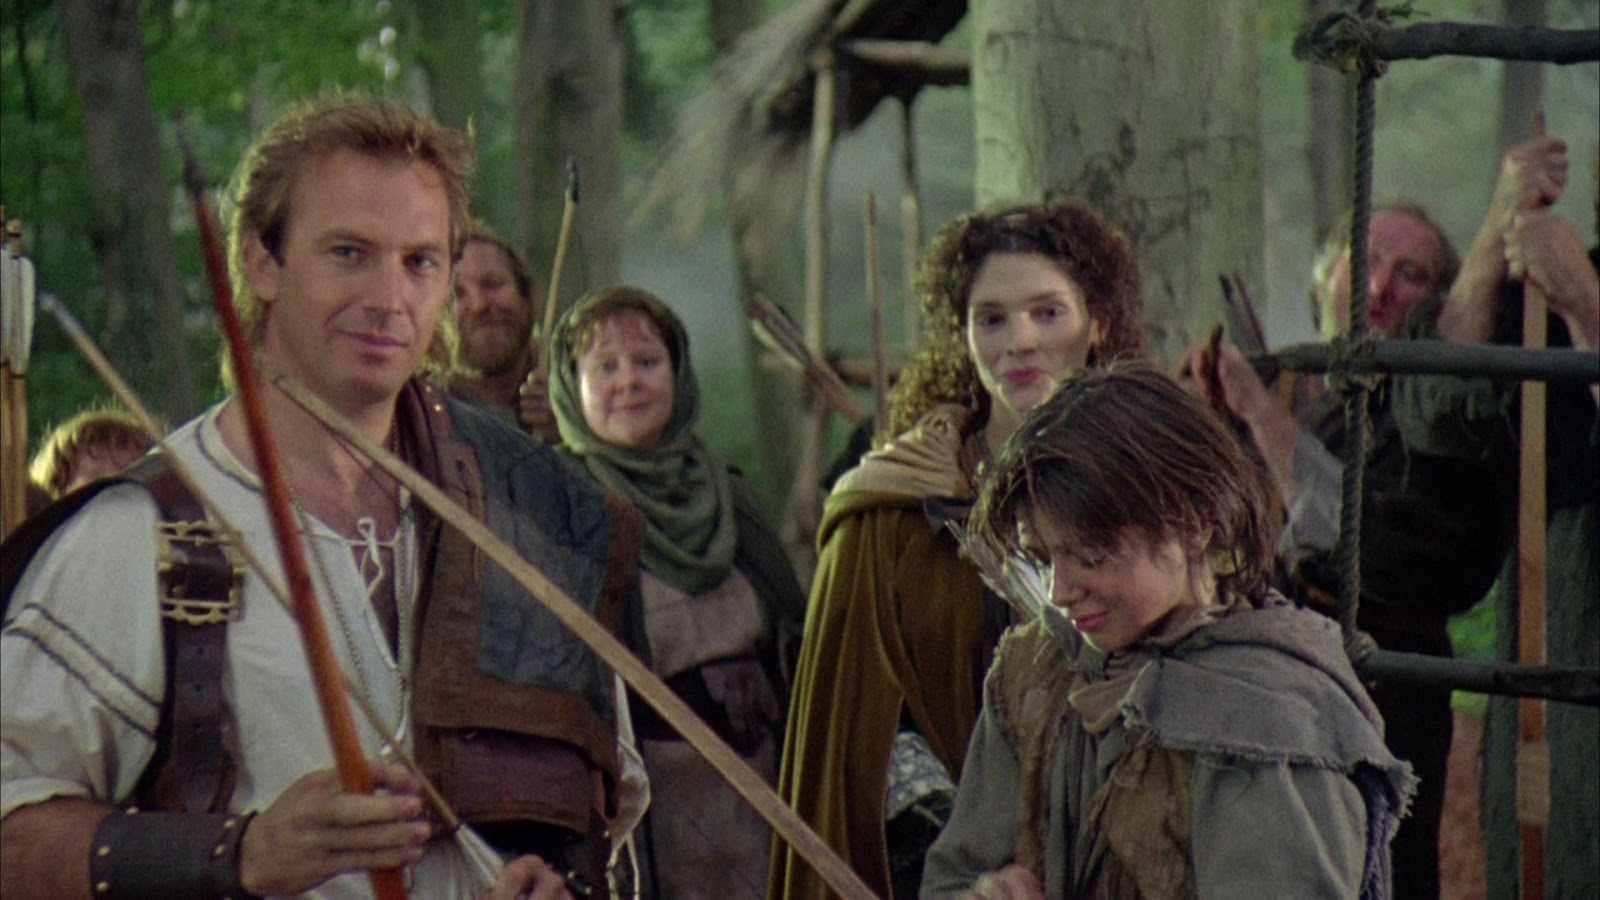 Robin Hood - Principe dei ladri (1991): siamo tutti fuorilegge 9